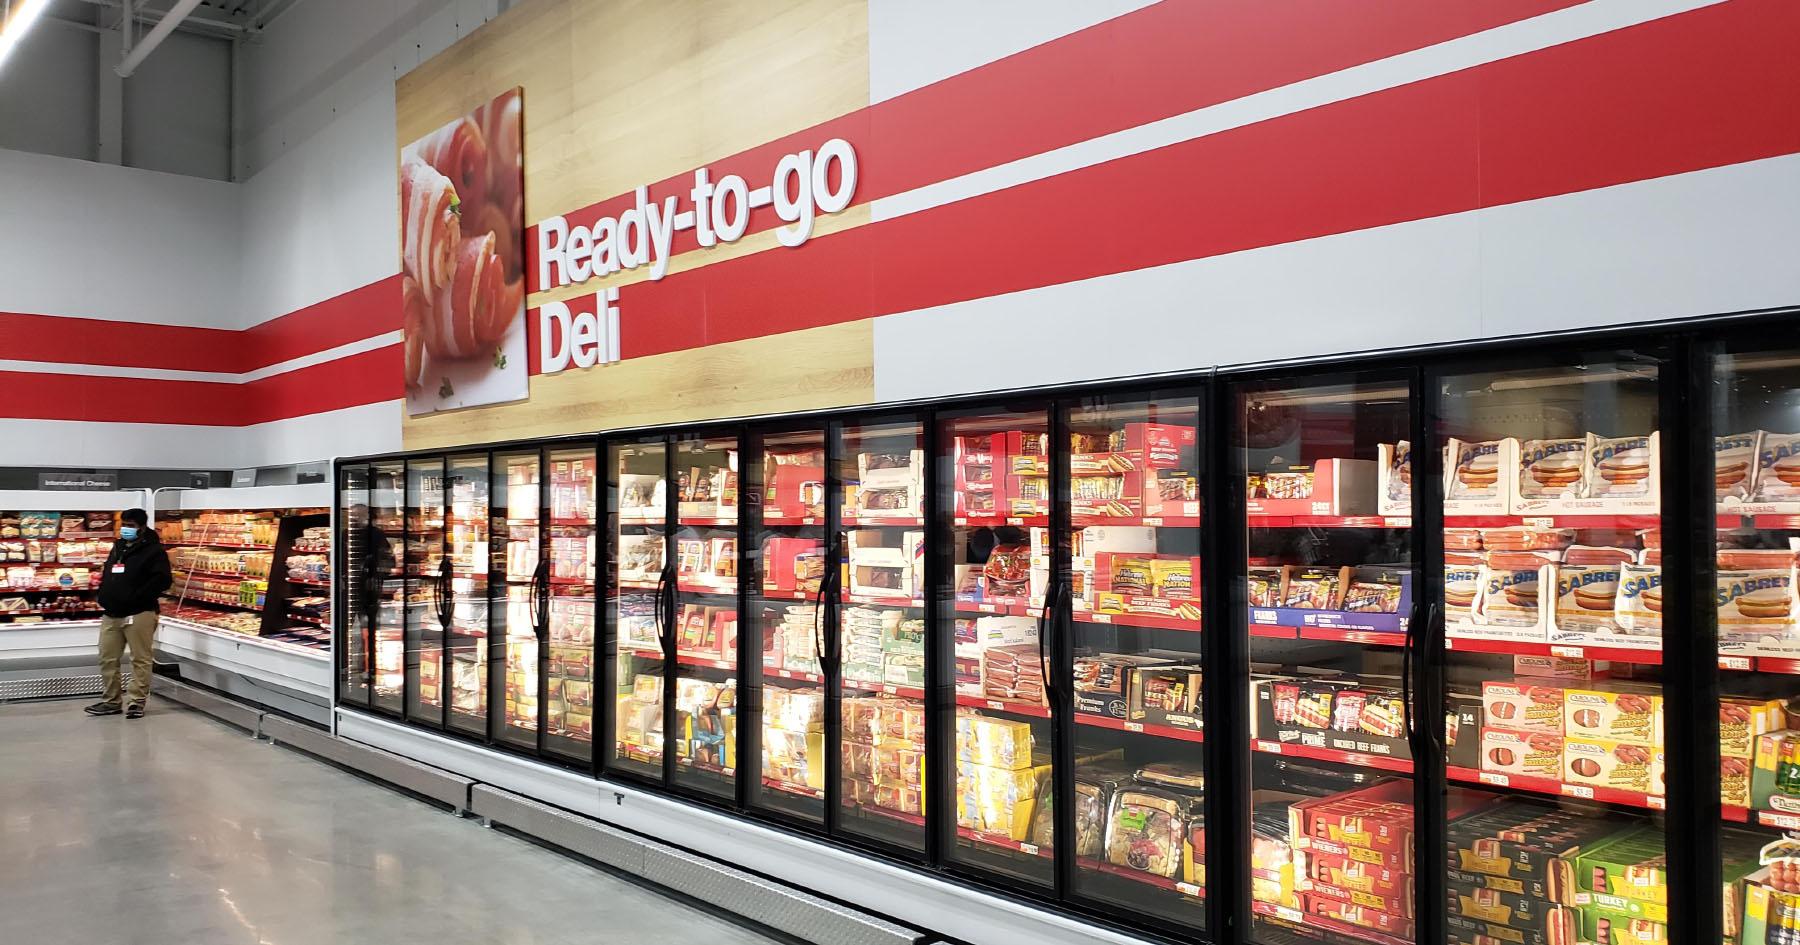 BJs refrigerated